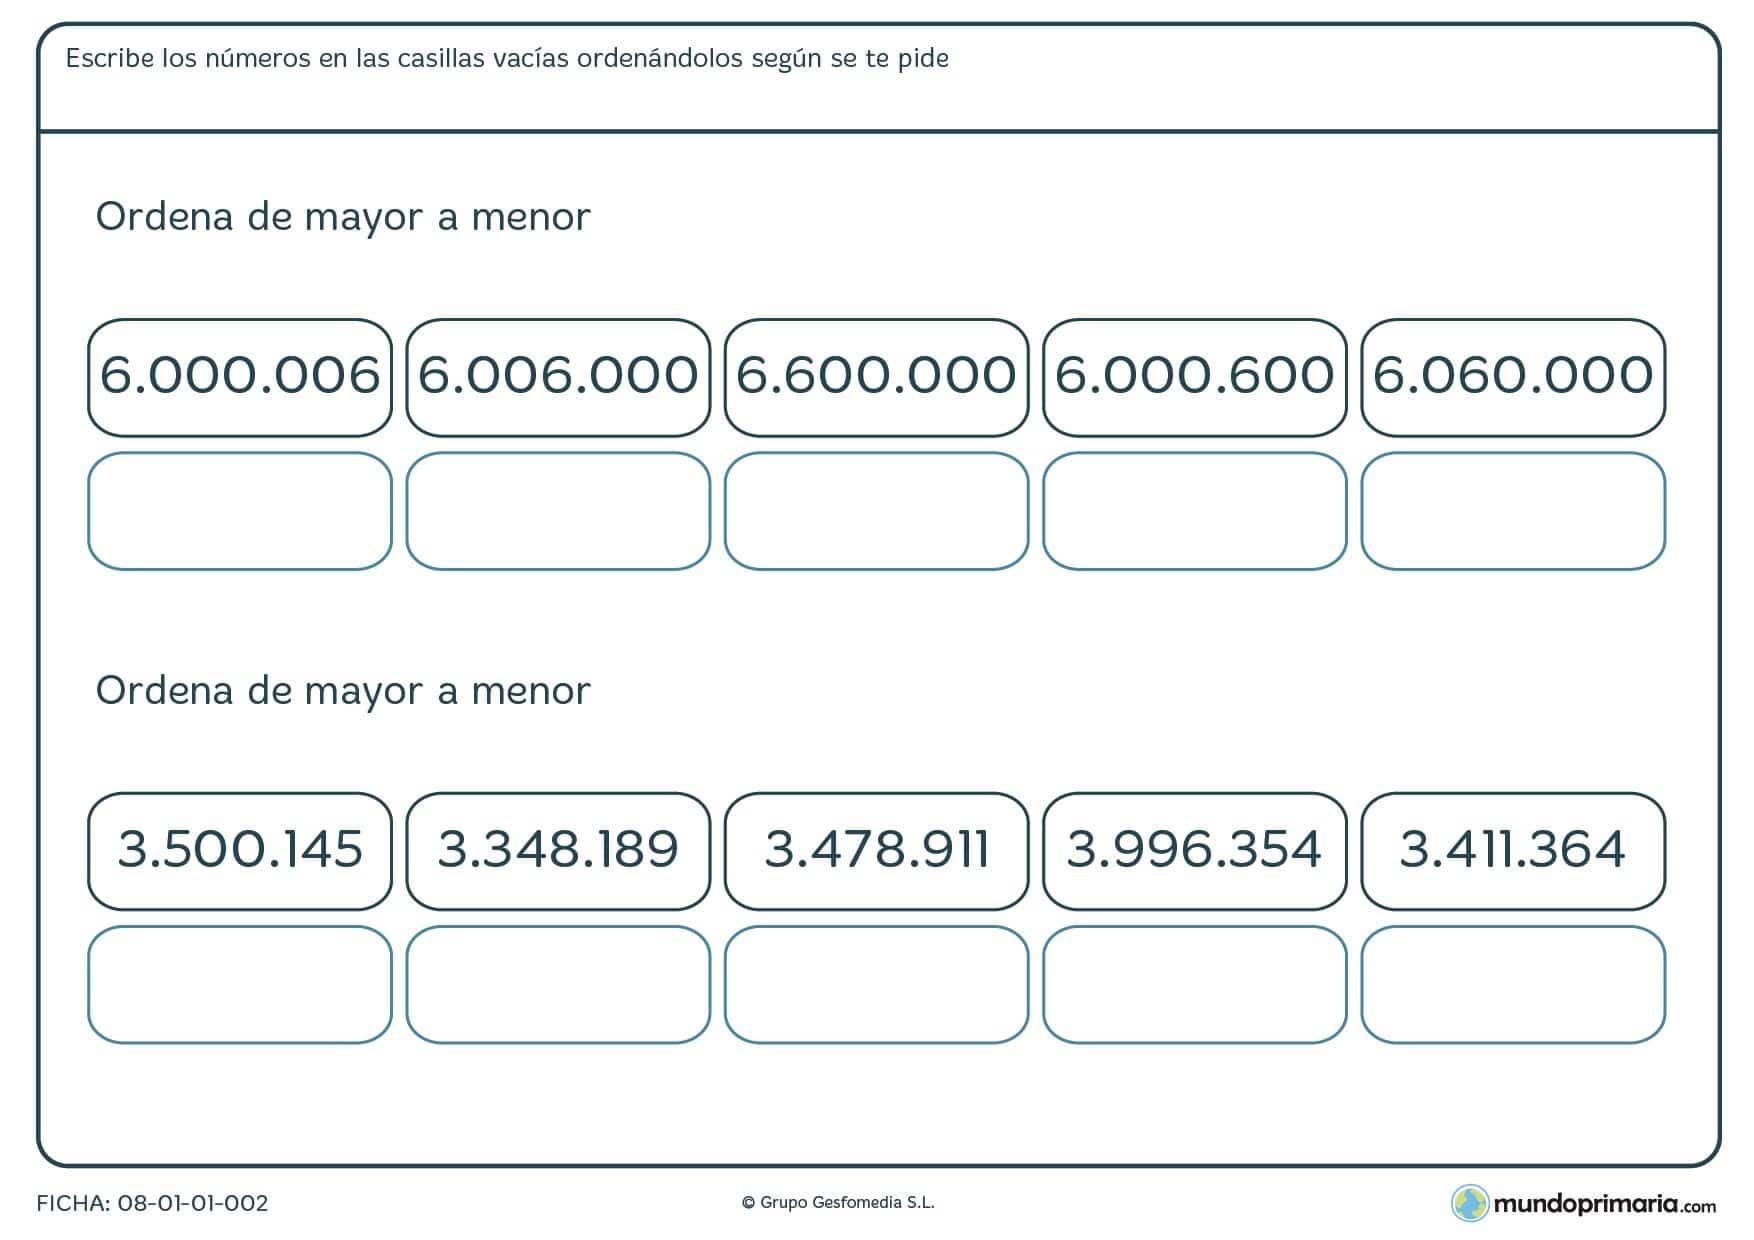 Ficha de organizar números de 7 cifras escribiéndolos en las casillas huecas, en orden de mayor a menor.